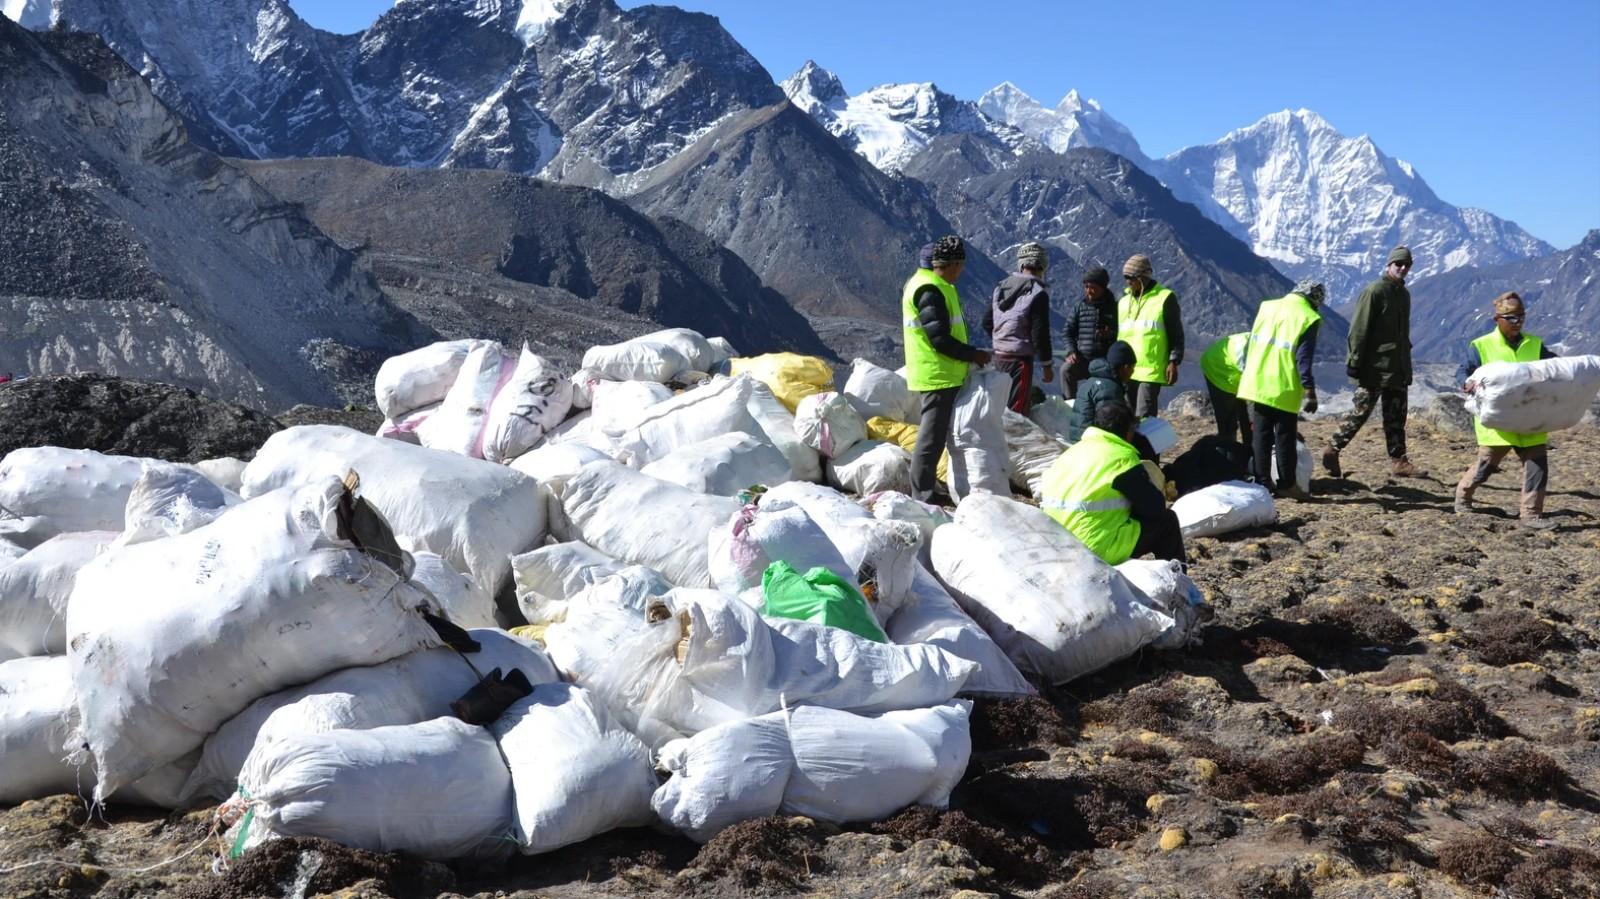 La fonte de l'Everest dévoile des tonnes de déchets et de cadavres